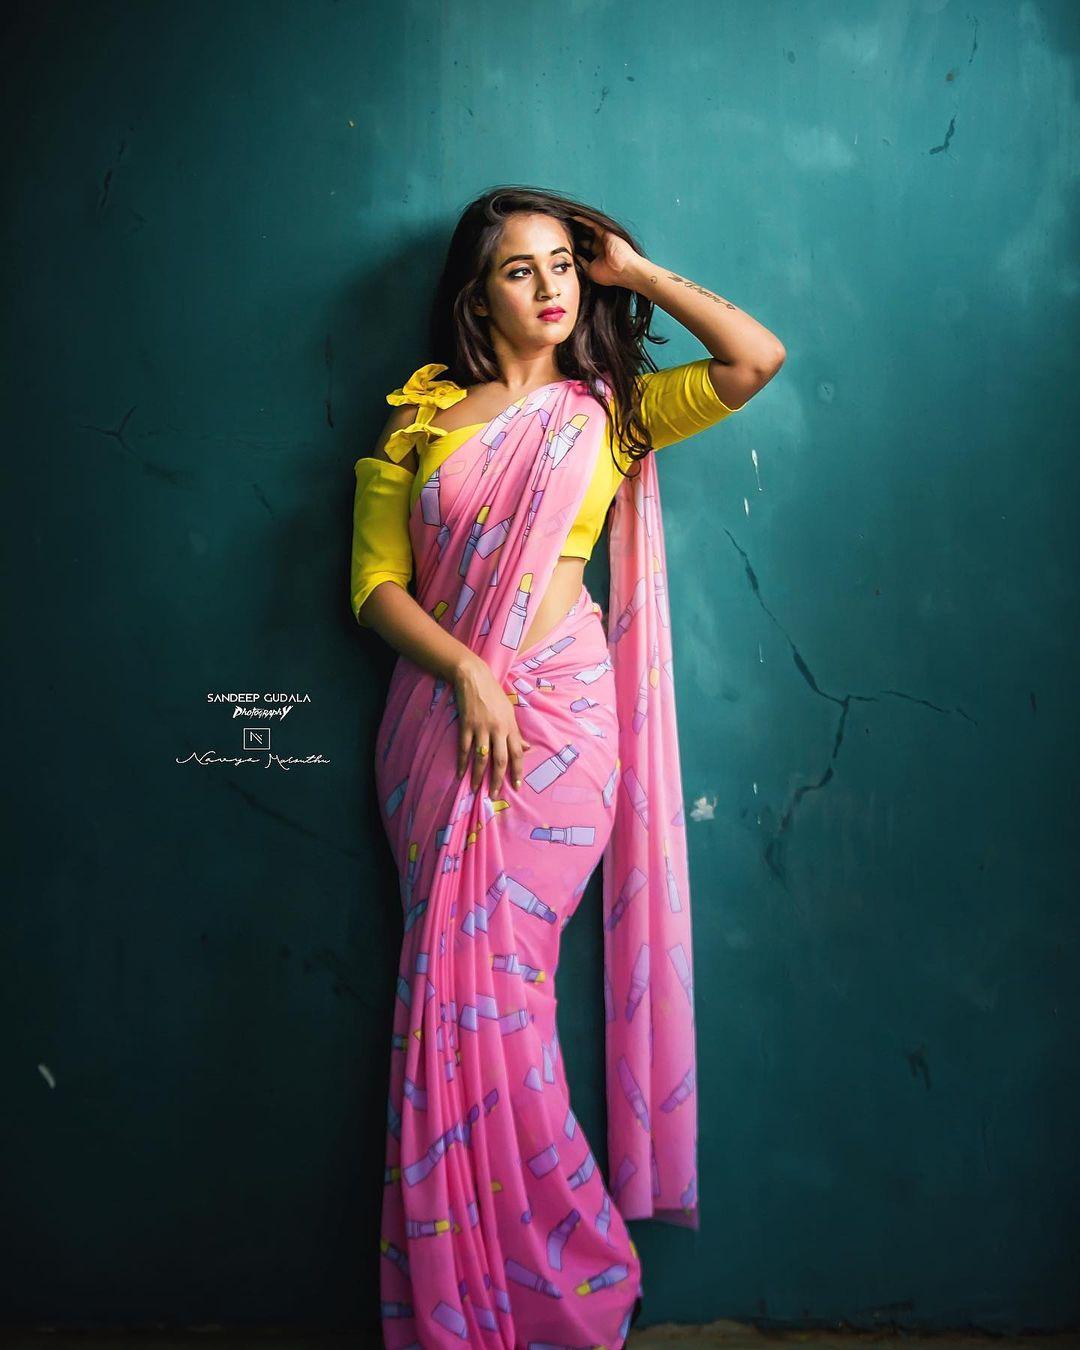 నడుమందాలు చూపిస్తూ కుర్రాళ్లకు నిద్ర లేకుండా చేస్తున్న దీప్తి సునయన. Photo: Deepthi Sunaina Instagram